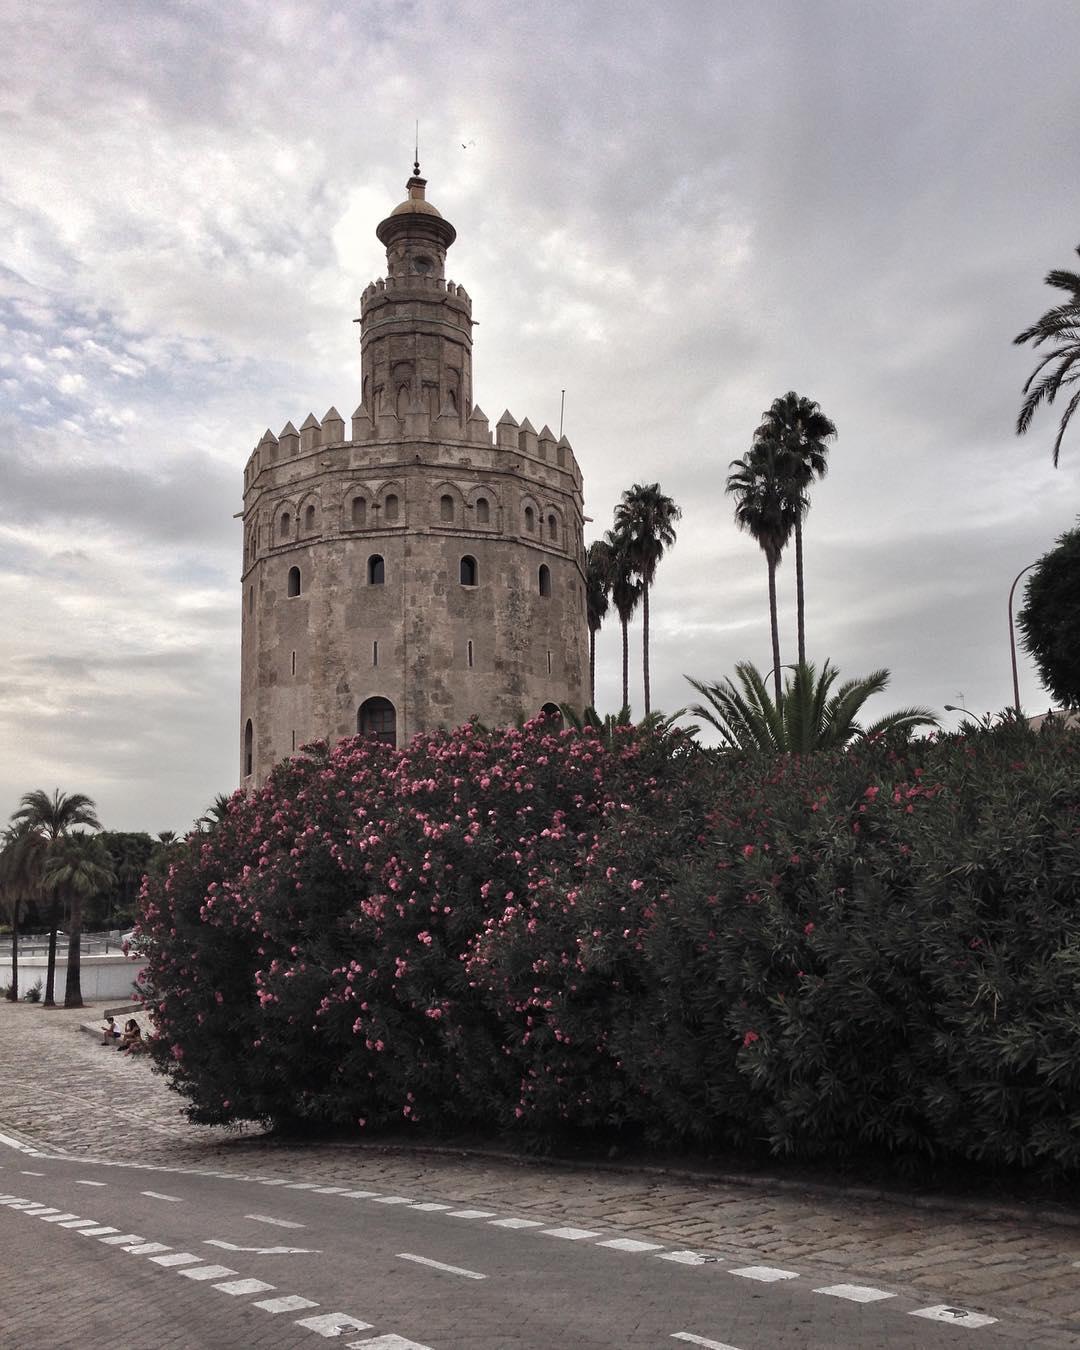 Torre del oro - Torre Del Oro